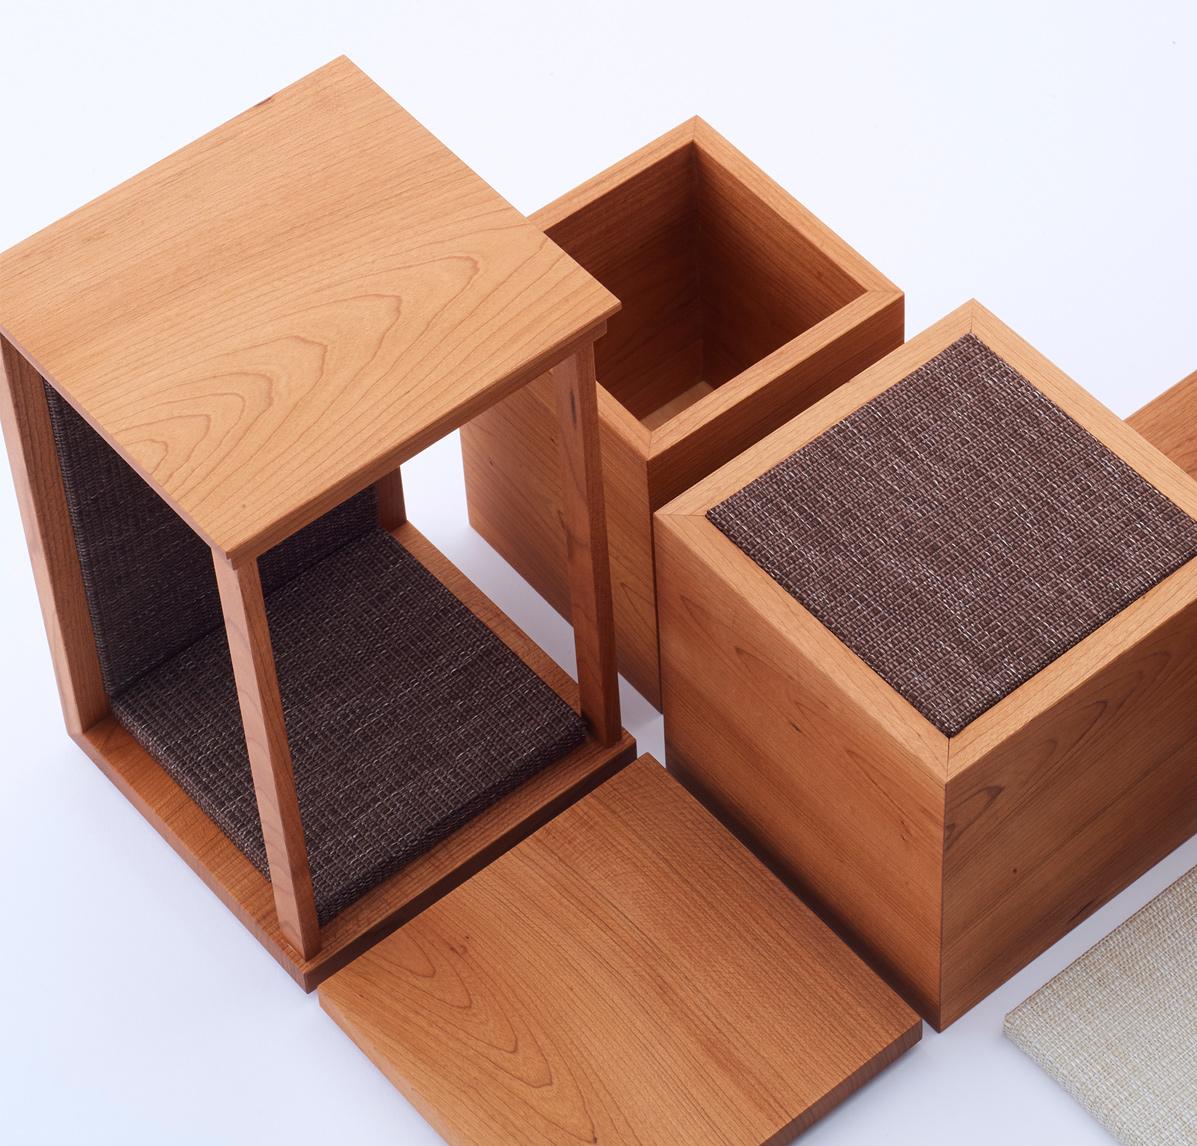 2つの箱と2枚の台を組み合わせて自由に飾れる供養具、『DECO』を発売いたします。